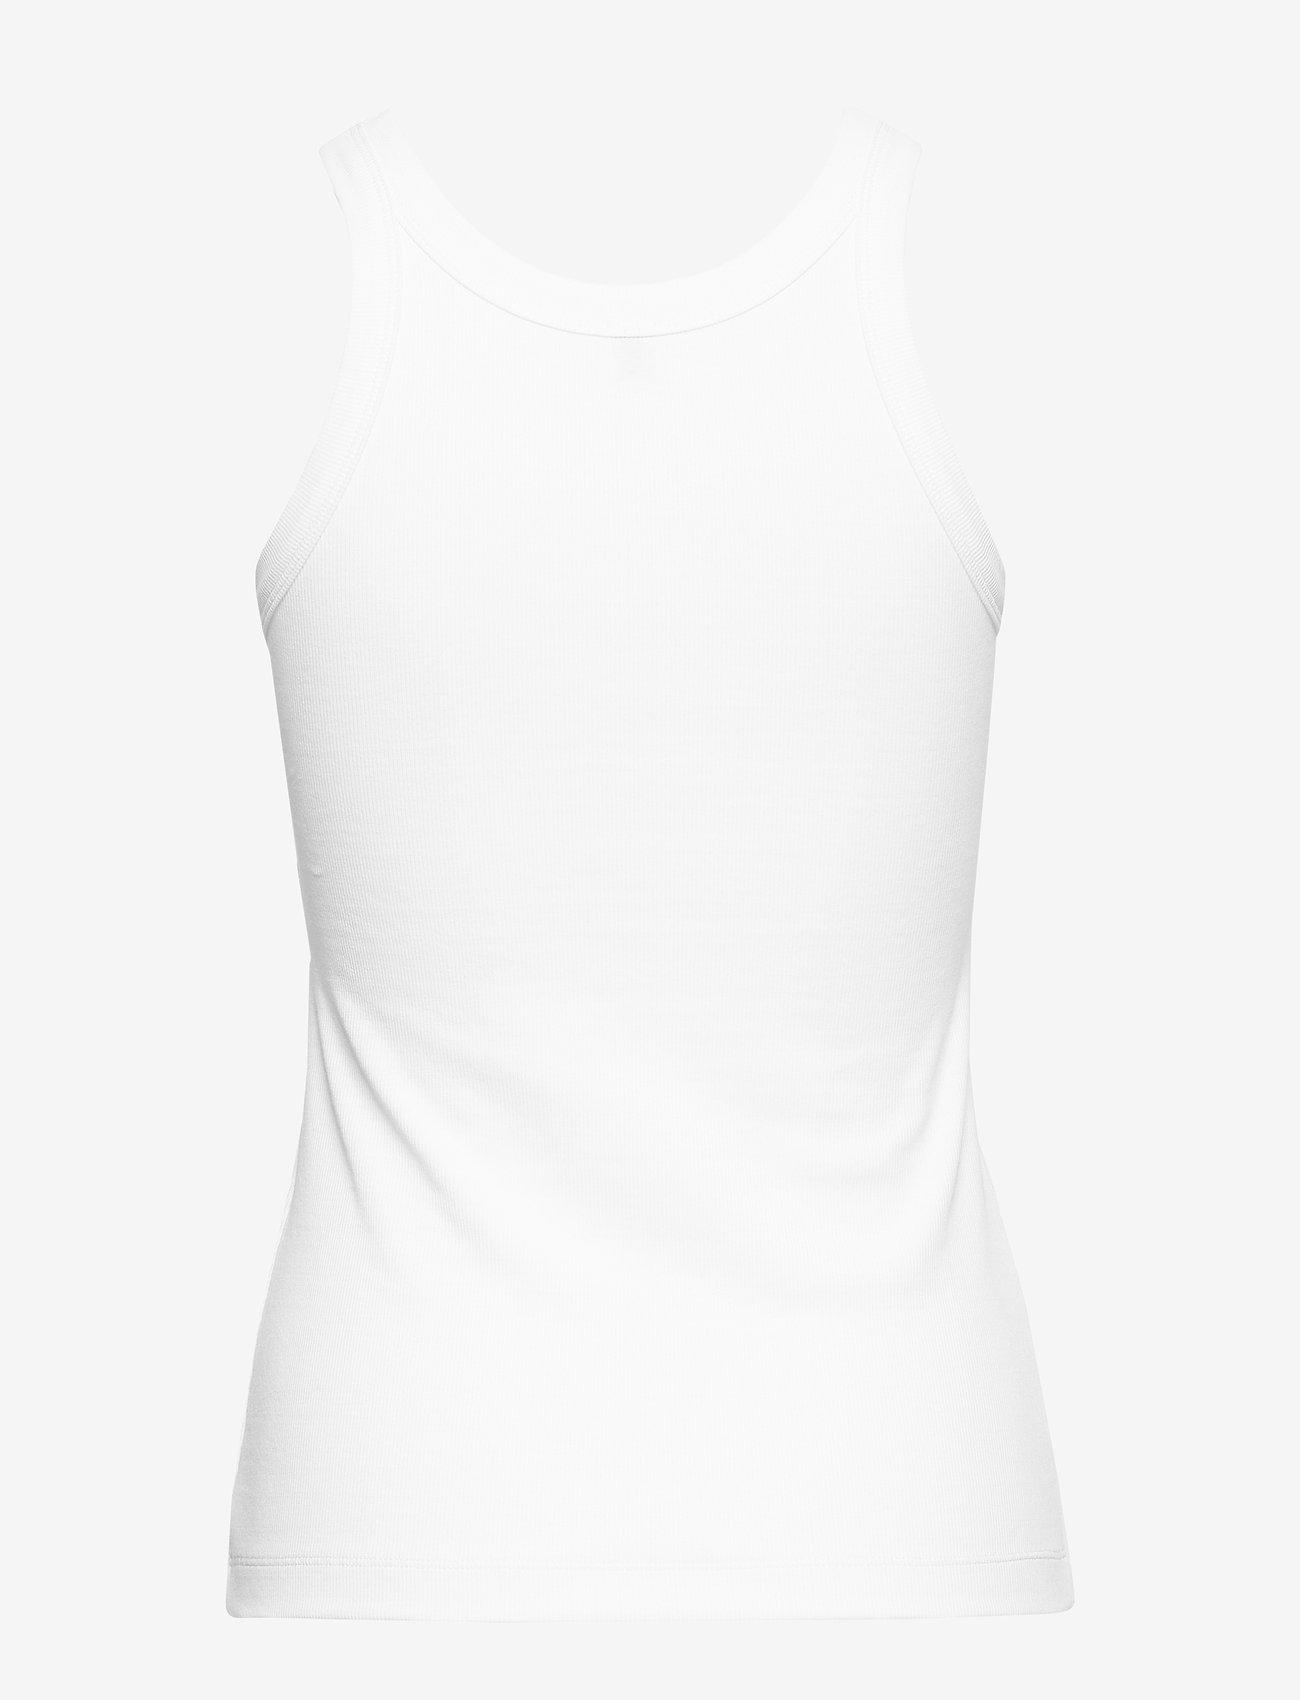 Totême - ESPERA RIB TANK - white 100 - 1